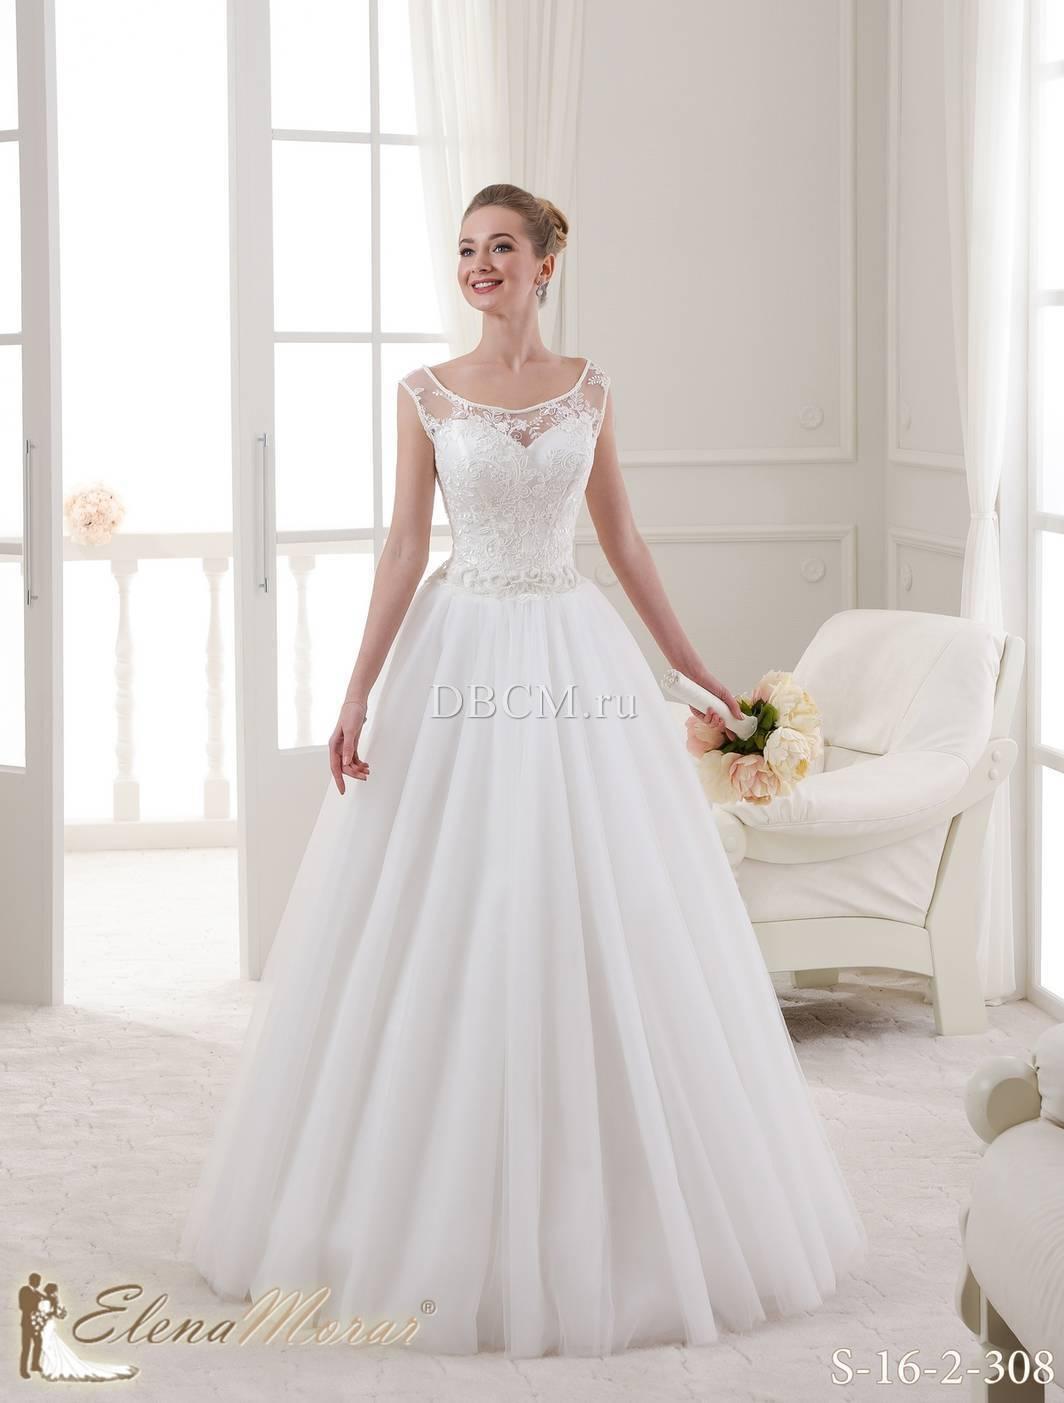 Свадебные Платья Цены И Фото Не Дорого